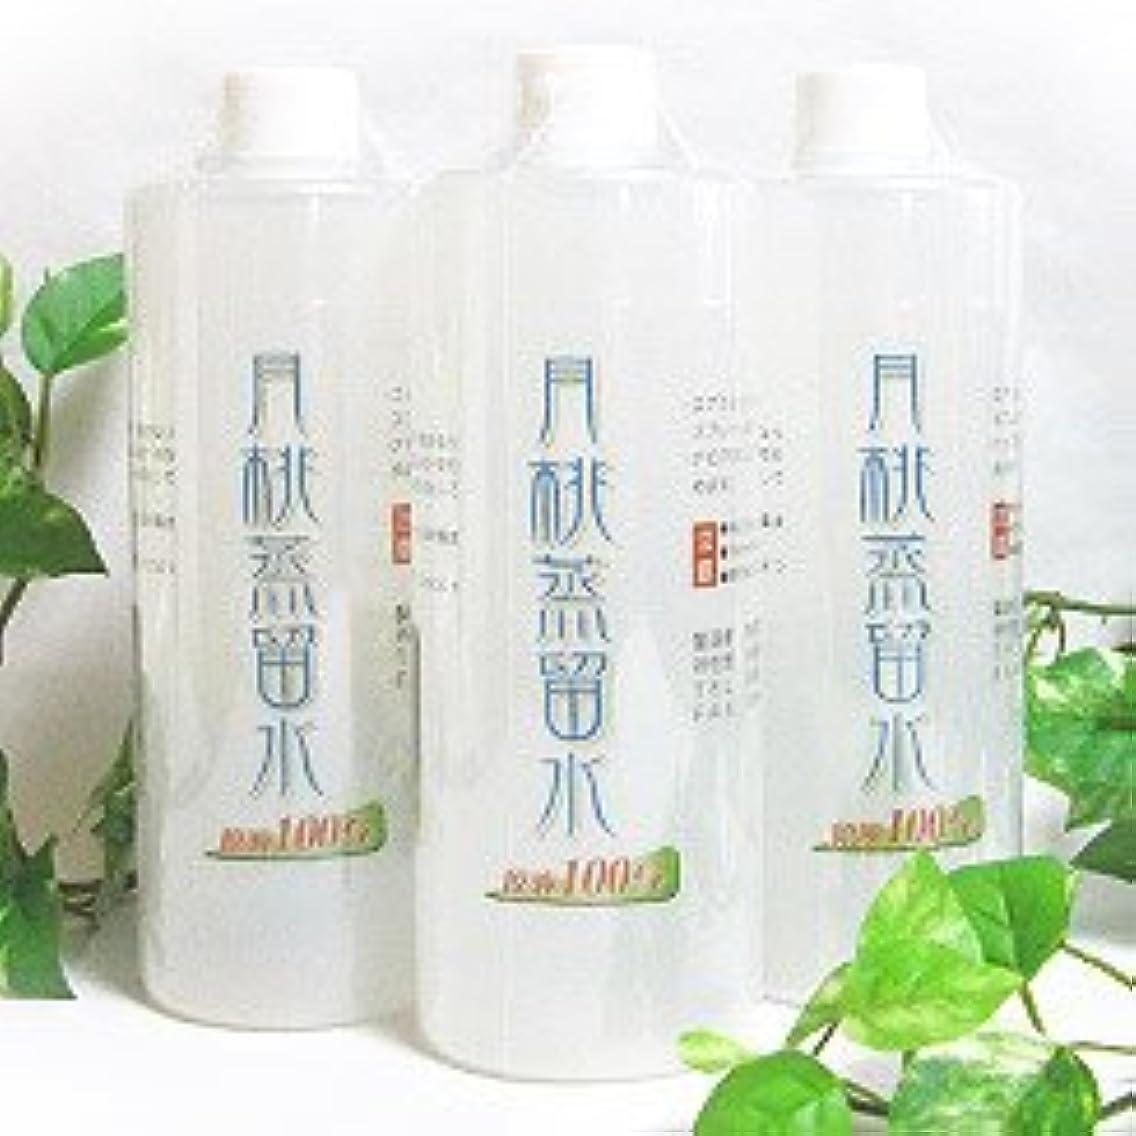 癌貧困ナイロン無添加天然ハーブ水 月桃蒸留水 3本セット 500ml×3本